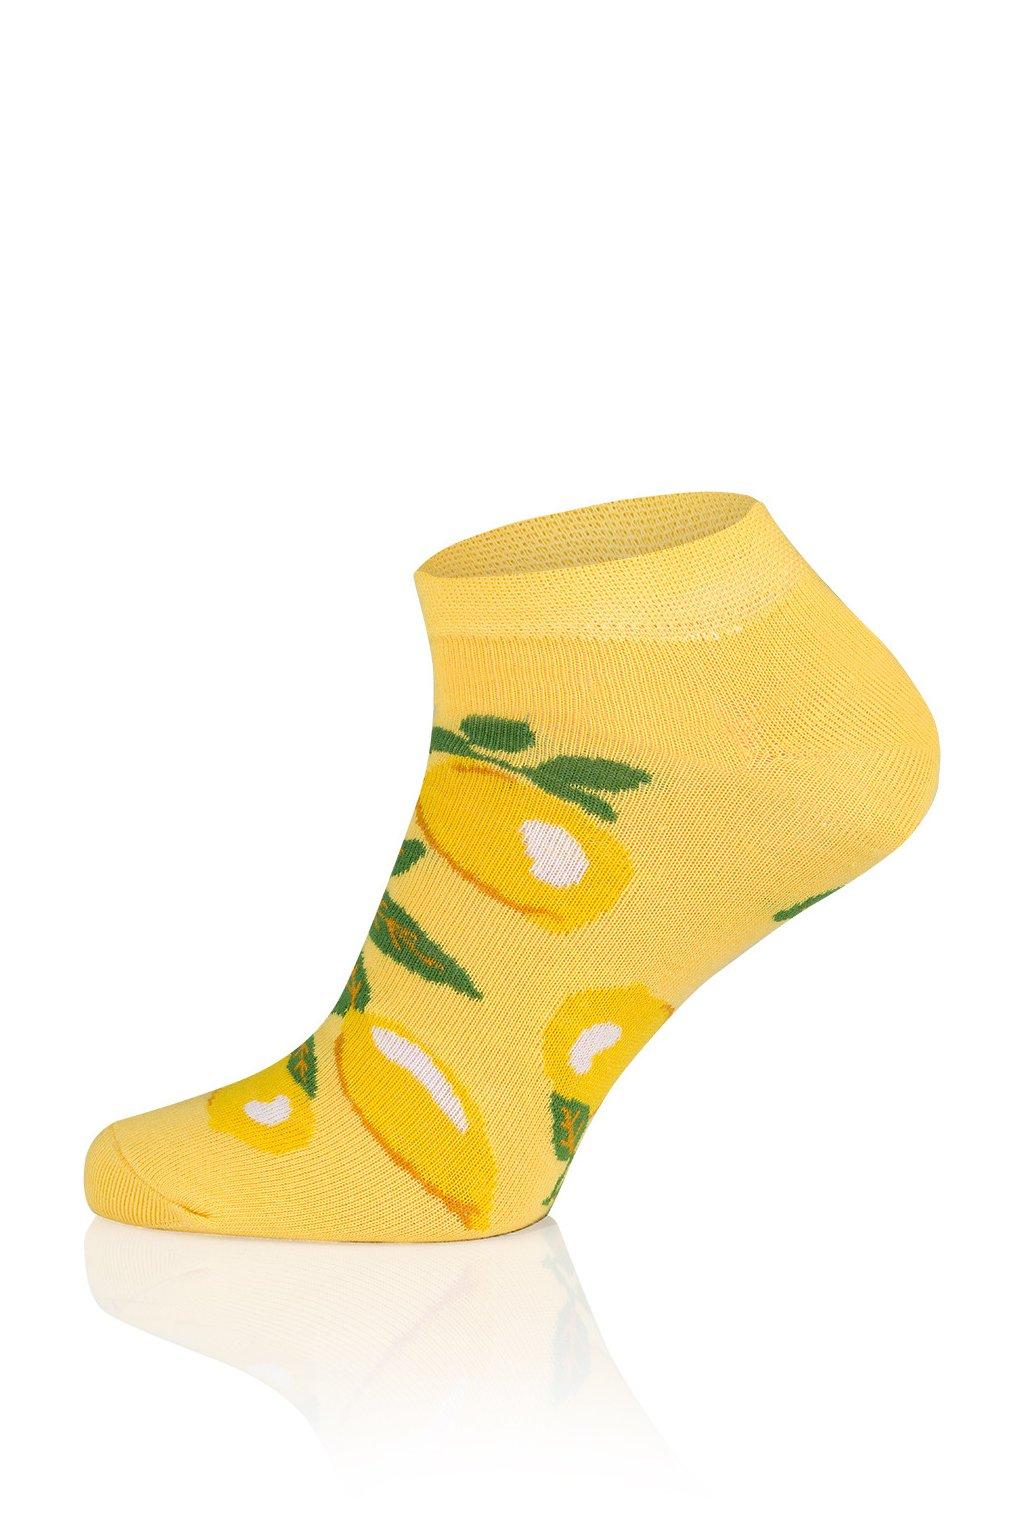 Veselé pánské kotníkové ponožky Gee One S 117 S Lemon.